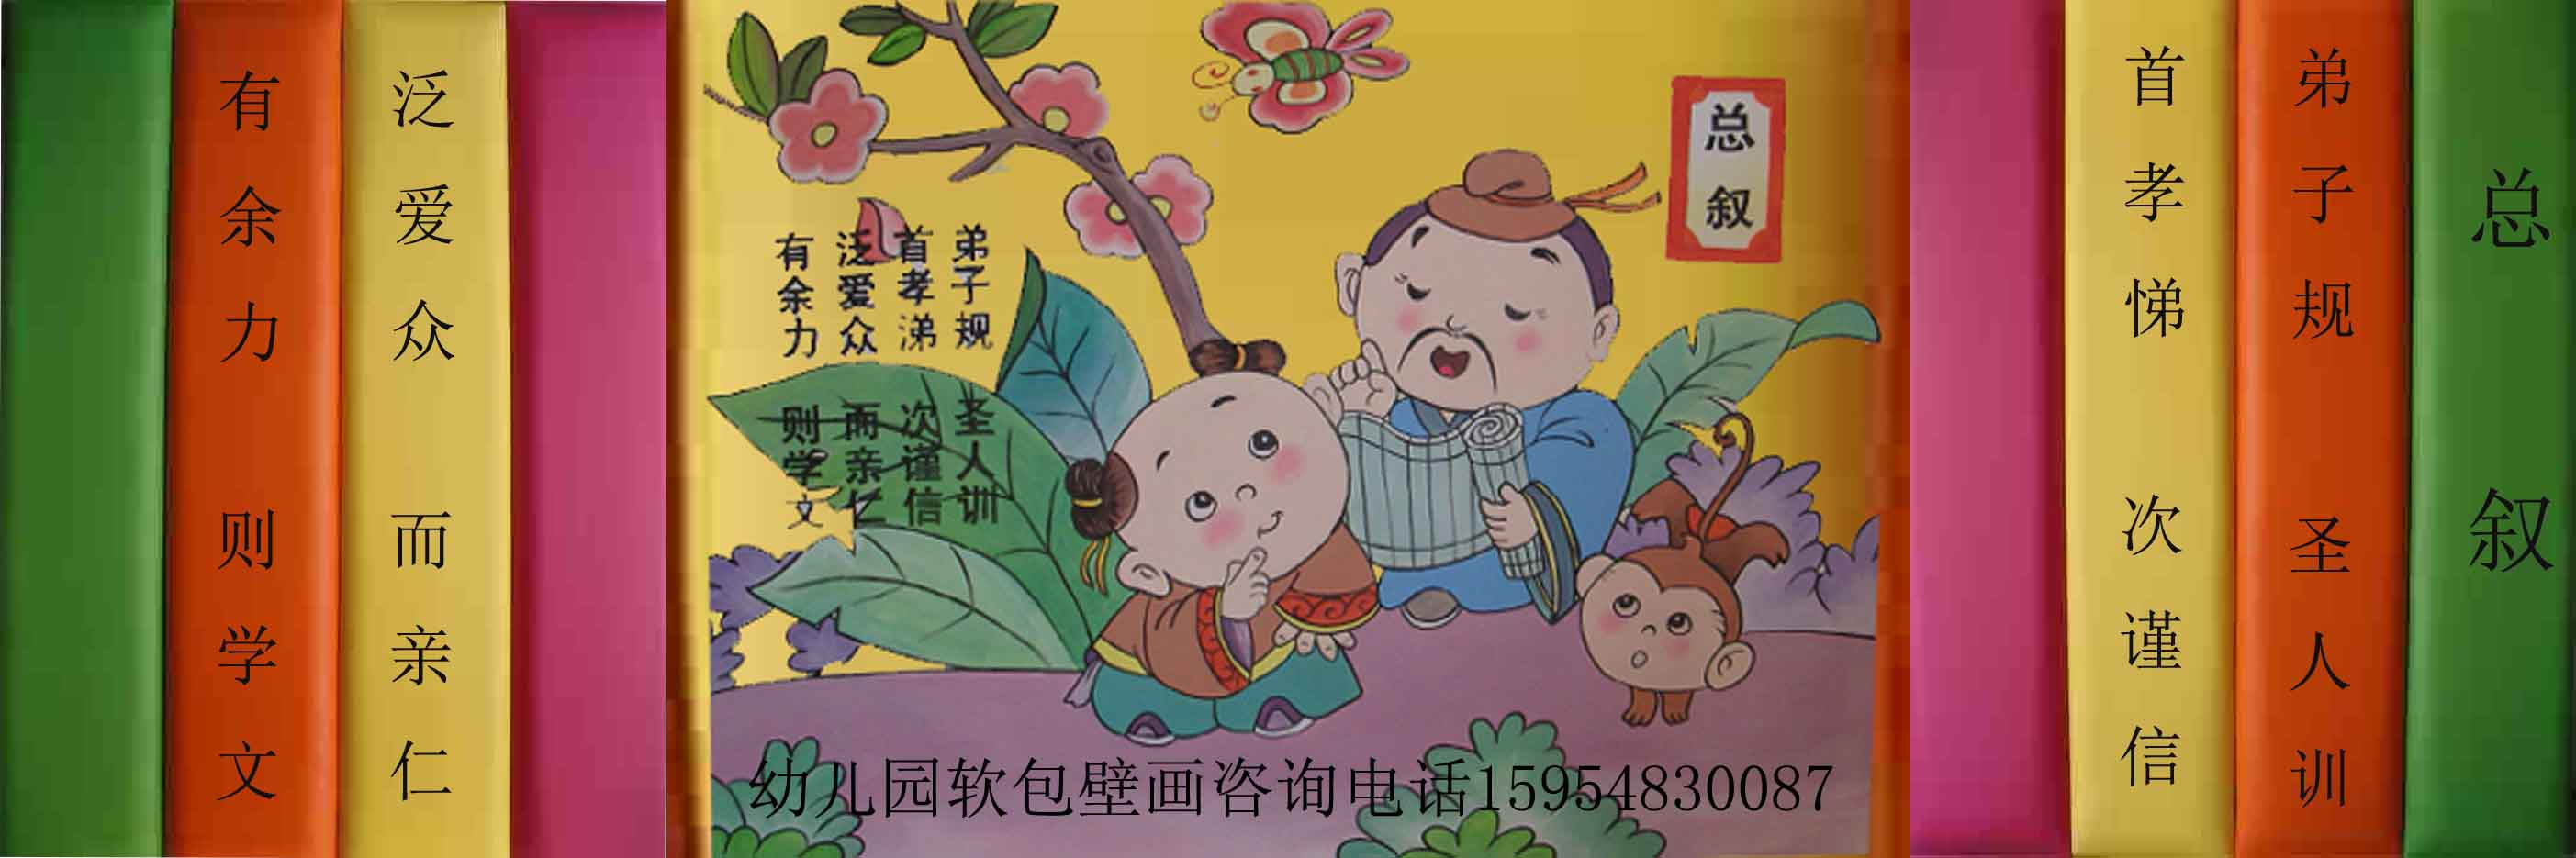 幼儿园涂鸦边框装饰图片